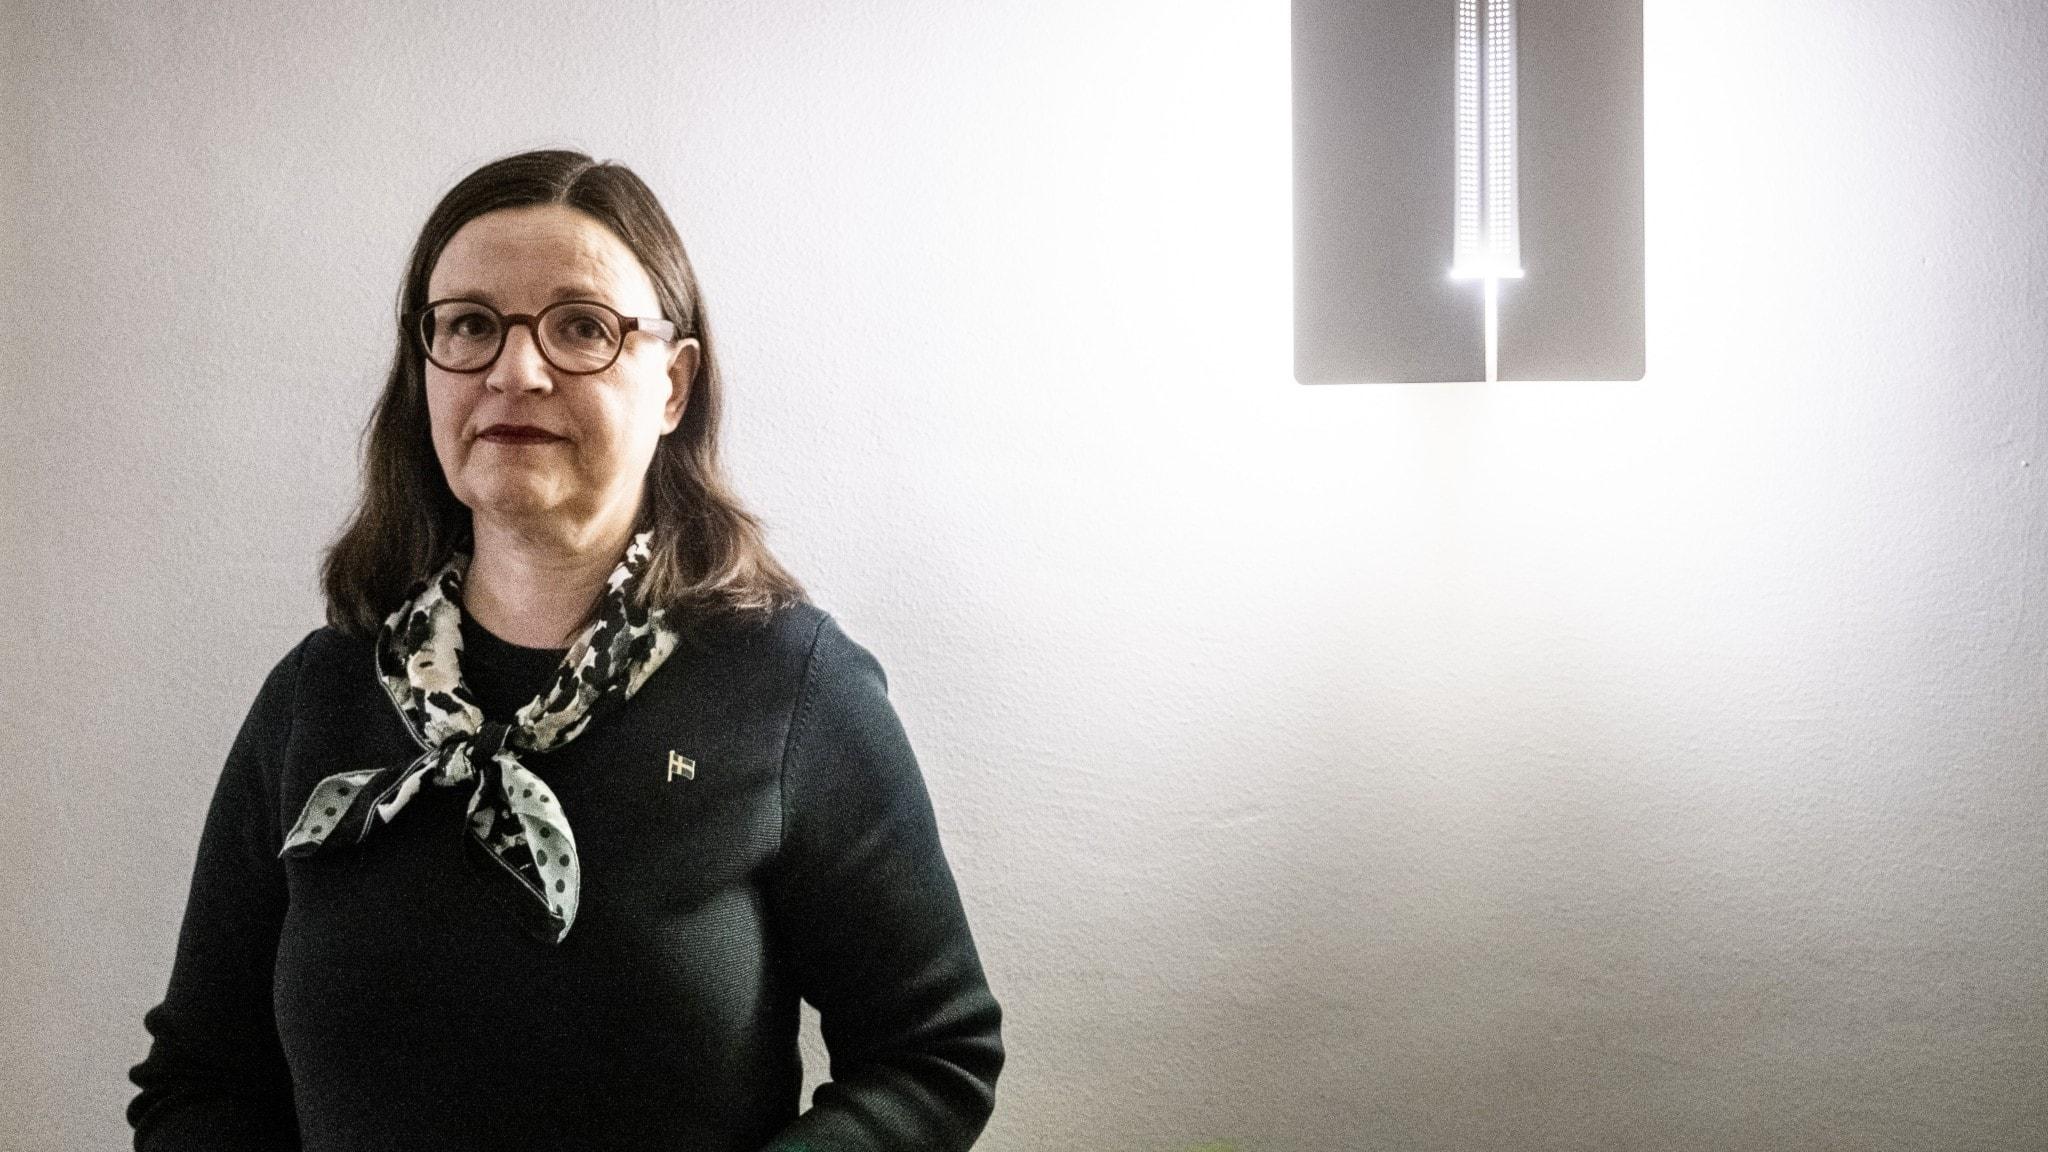 Hur ska eleverna klara pandemin, utbildningsminister Anna Ekström (S)?